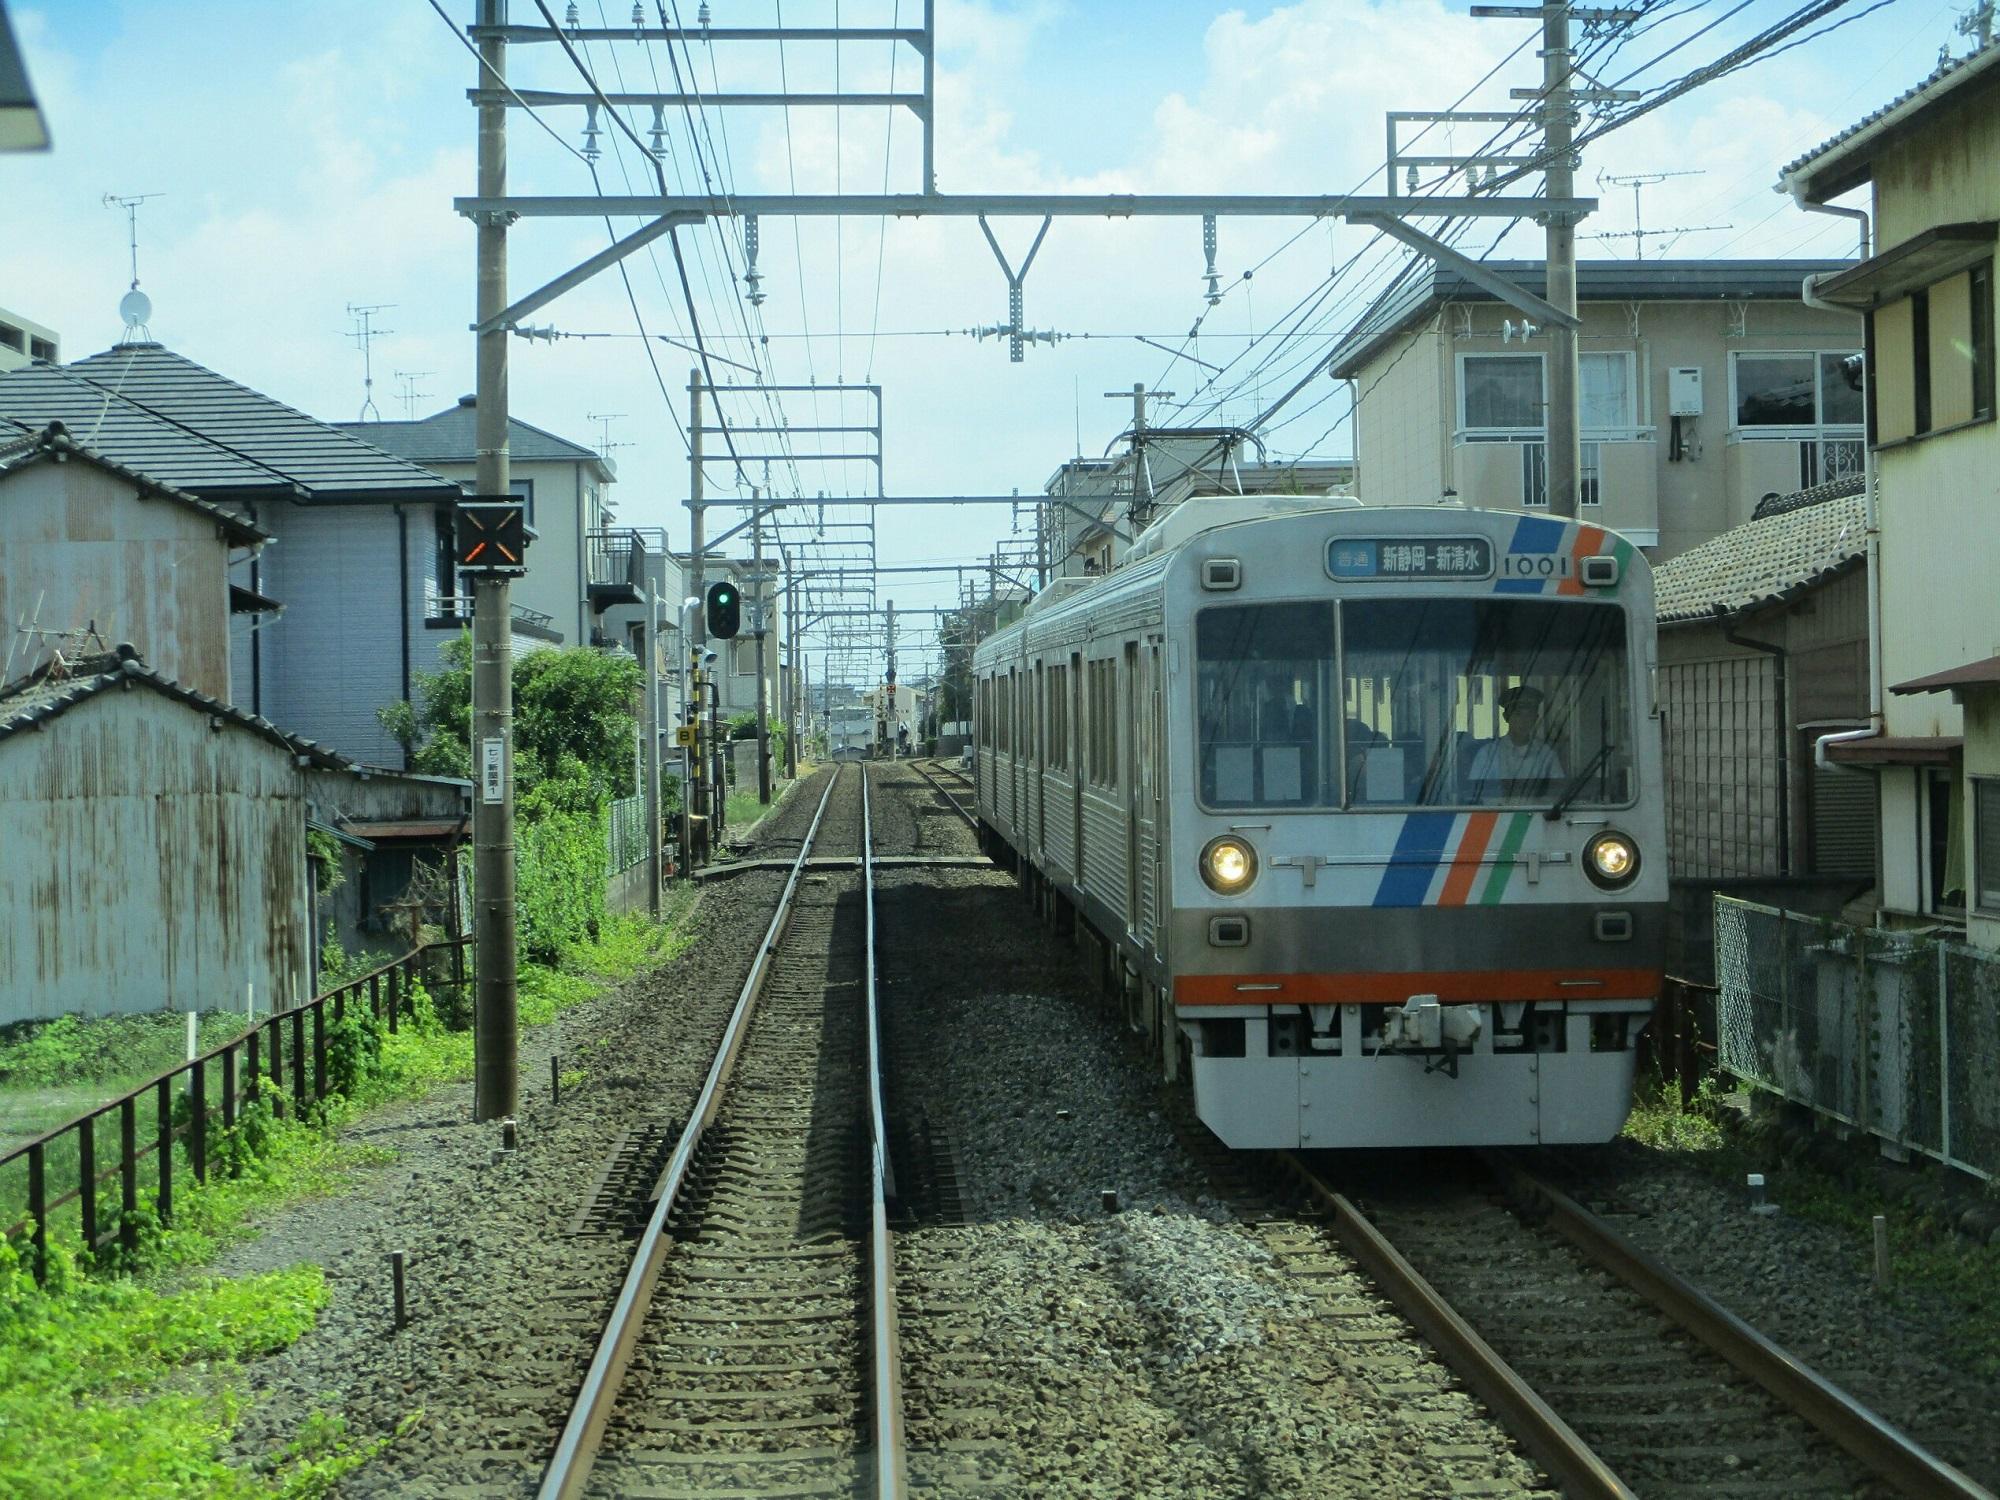 2018.8.10 (63) 新清水いきふつう - 草薙-御門台間(新静岡いきふつう) 2000-1500